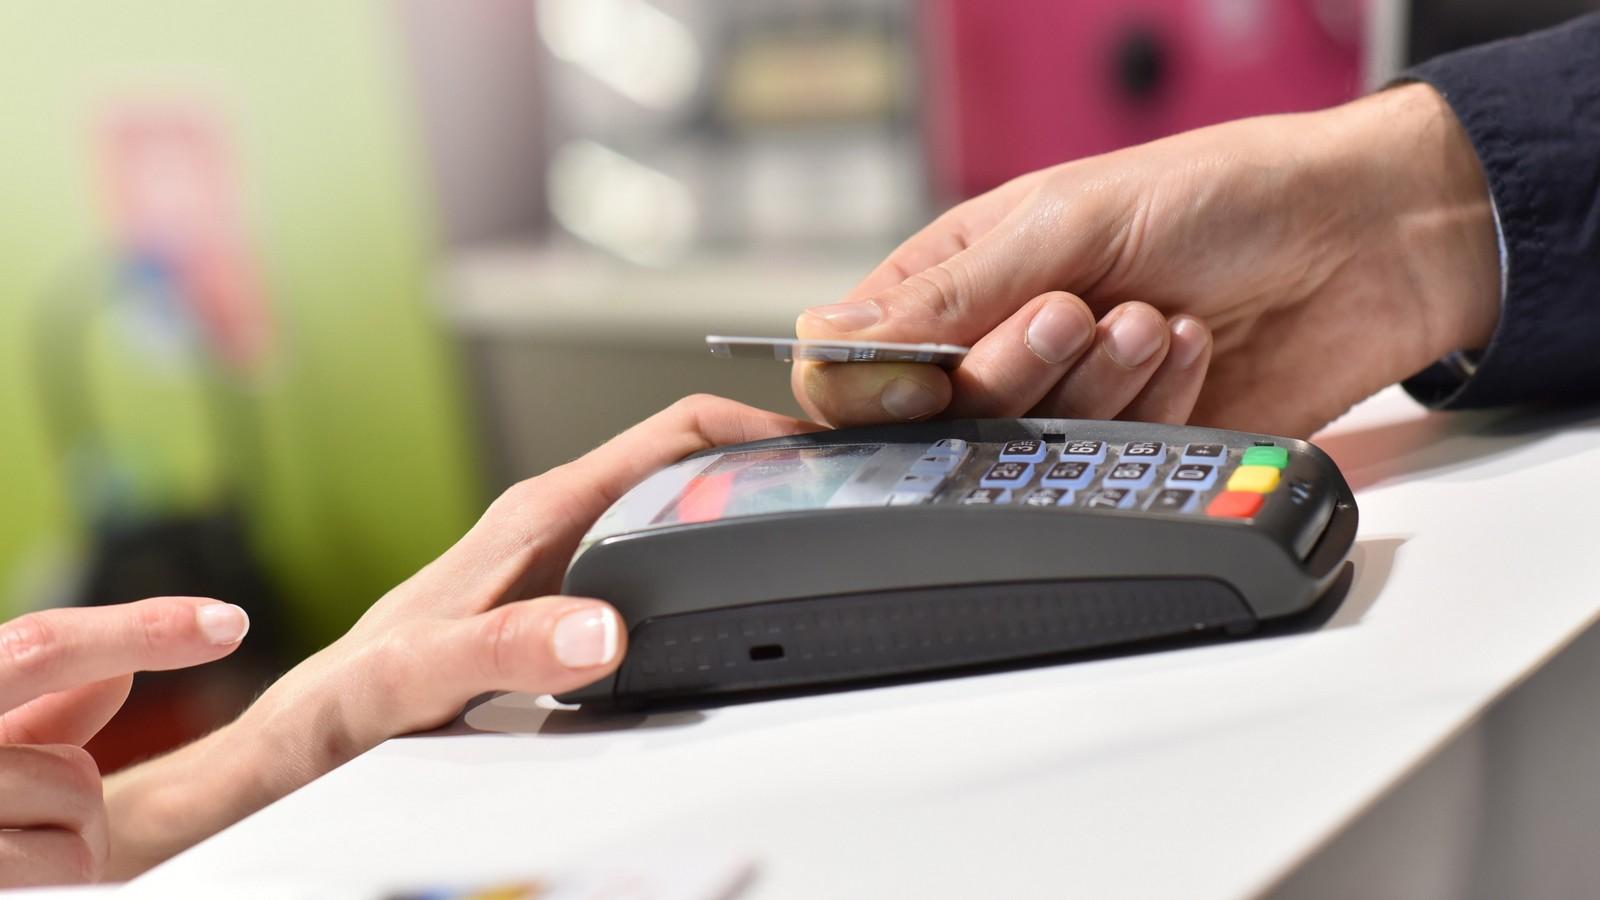 Расстояние считывания банковских карт через NFC